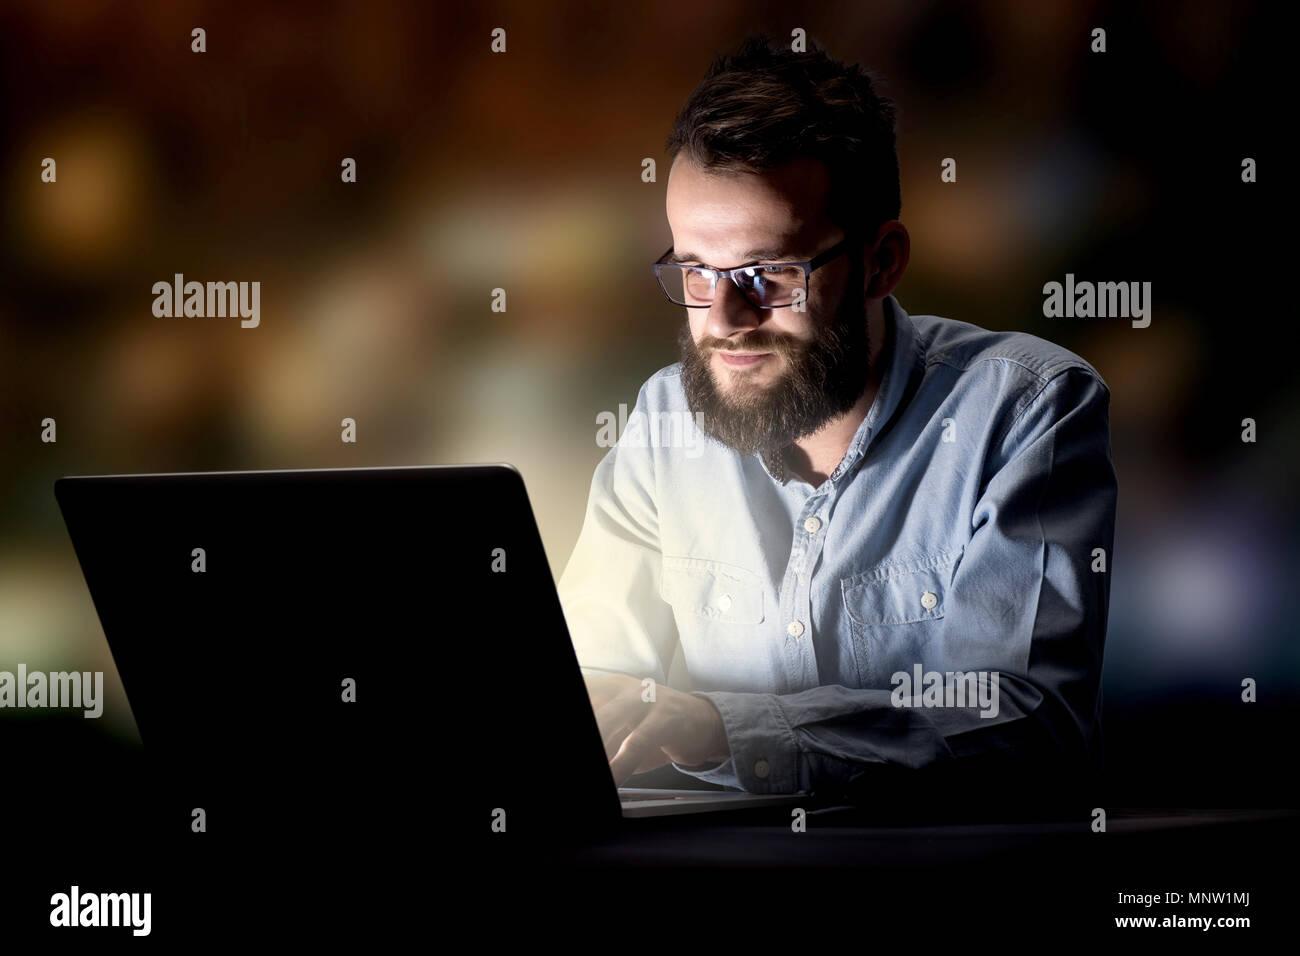 Junge gut aussehender Geschäftsmann spät in der Nacht die Arbeit im Büro Stockbild